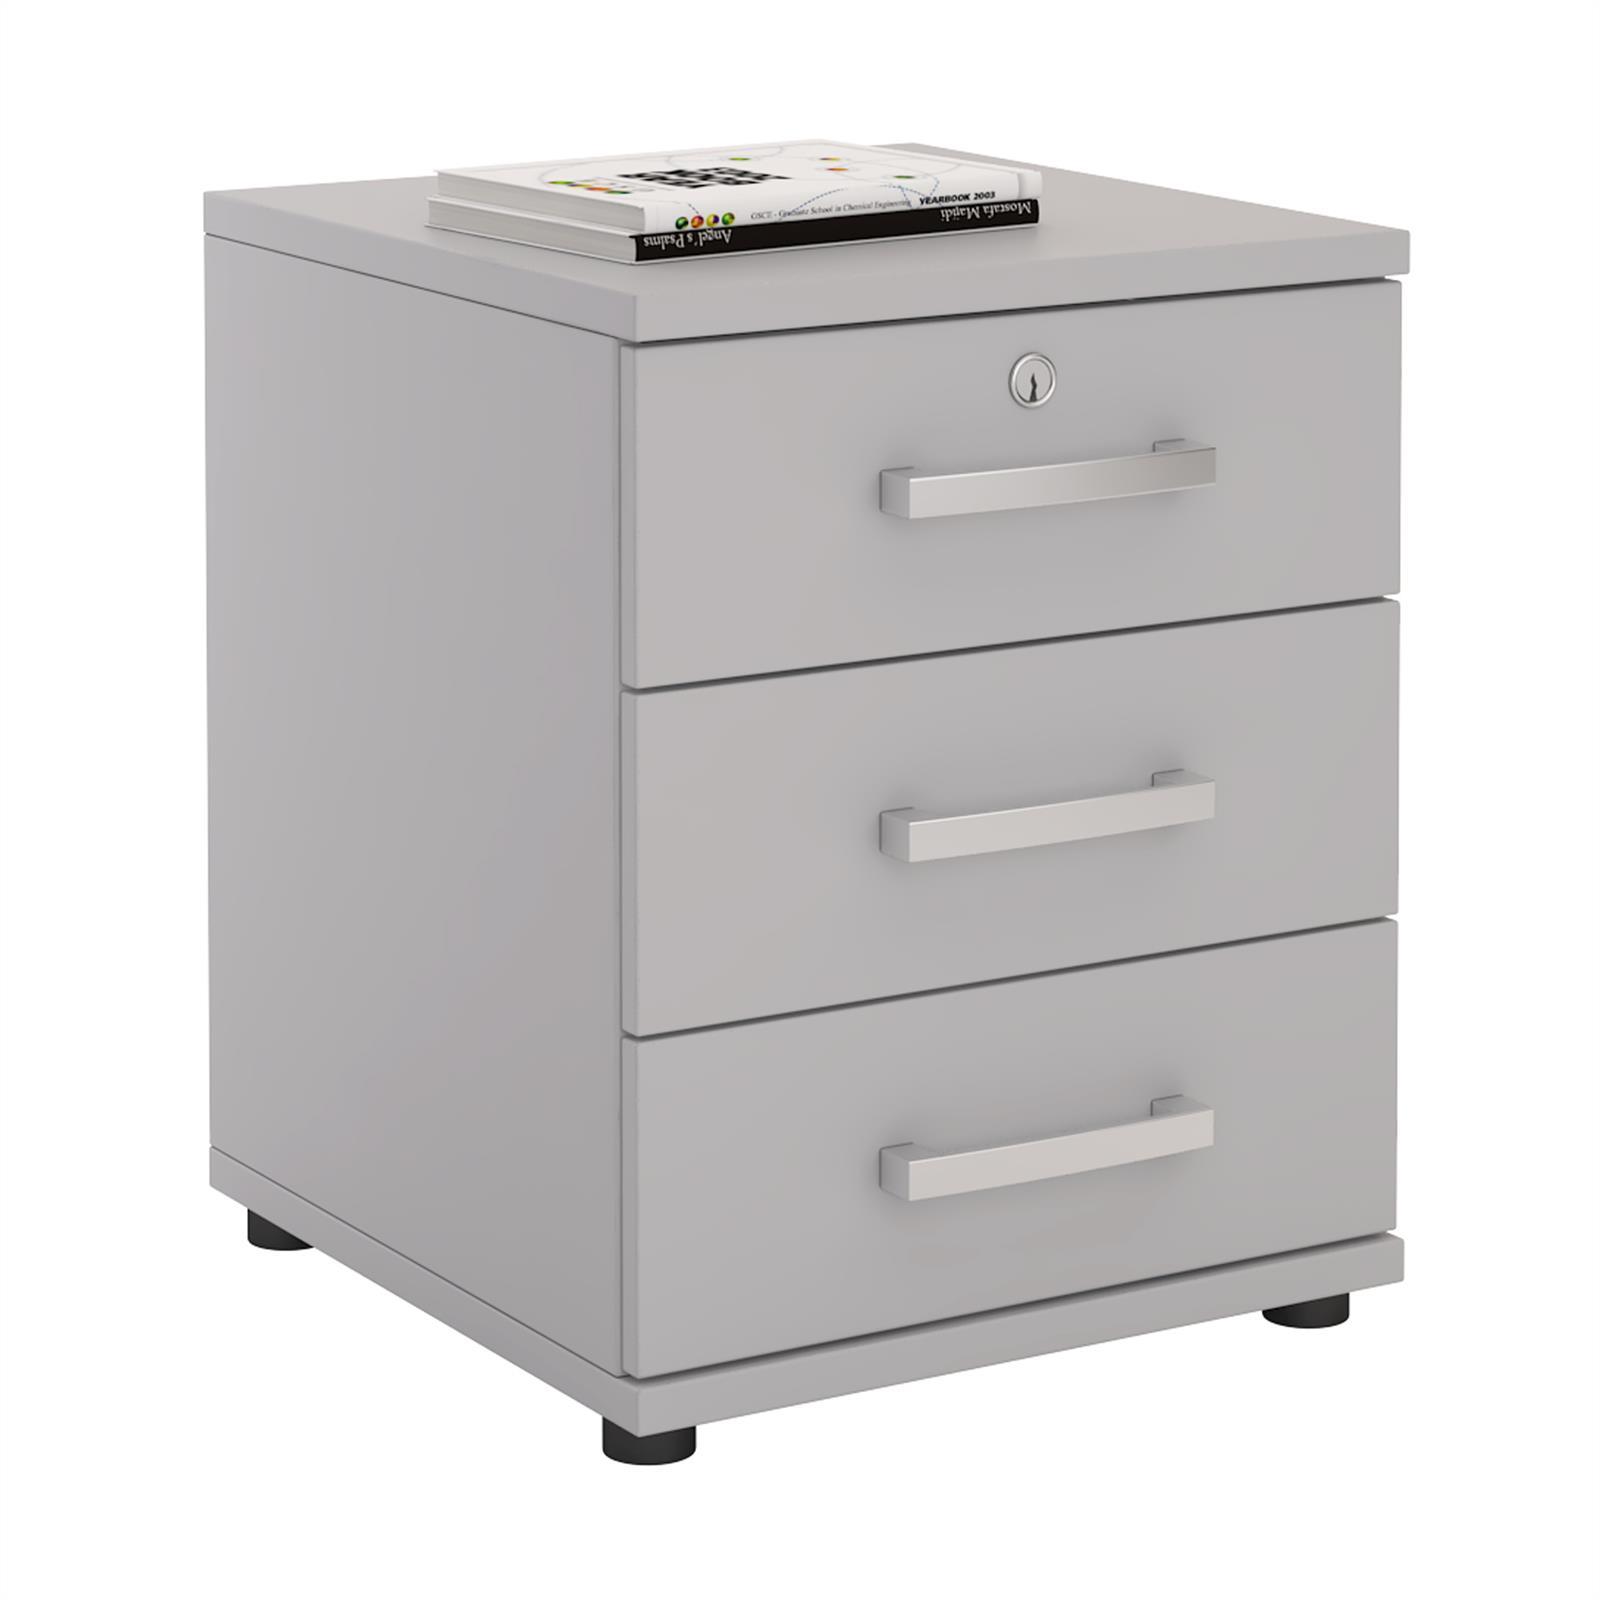 Bürocontainer TORONTO, 3 Schubladen in lichtgrau günstig online kaufen